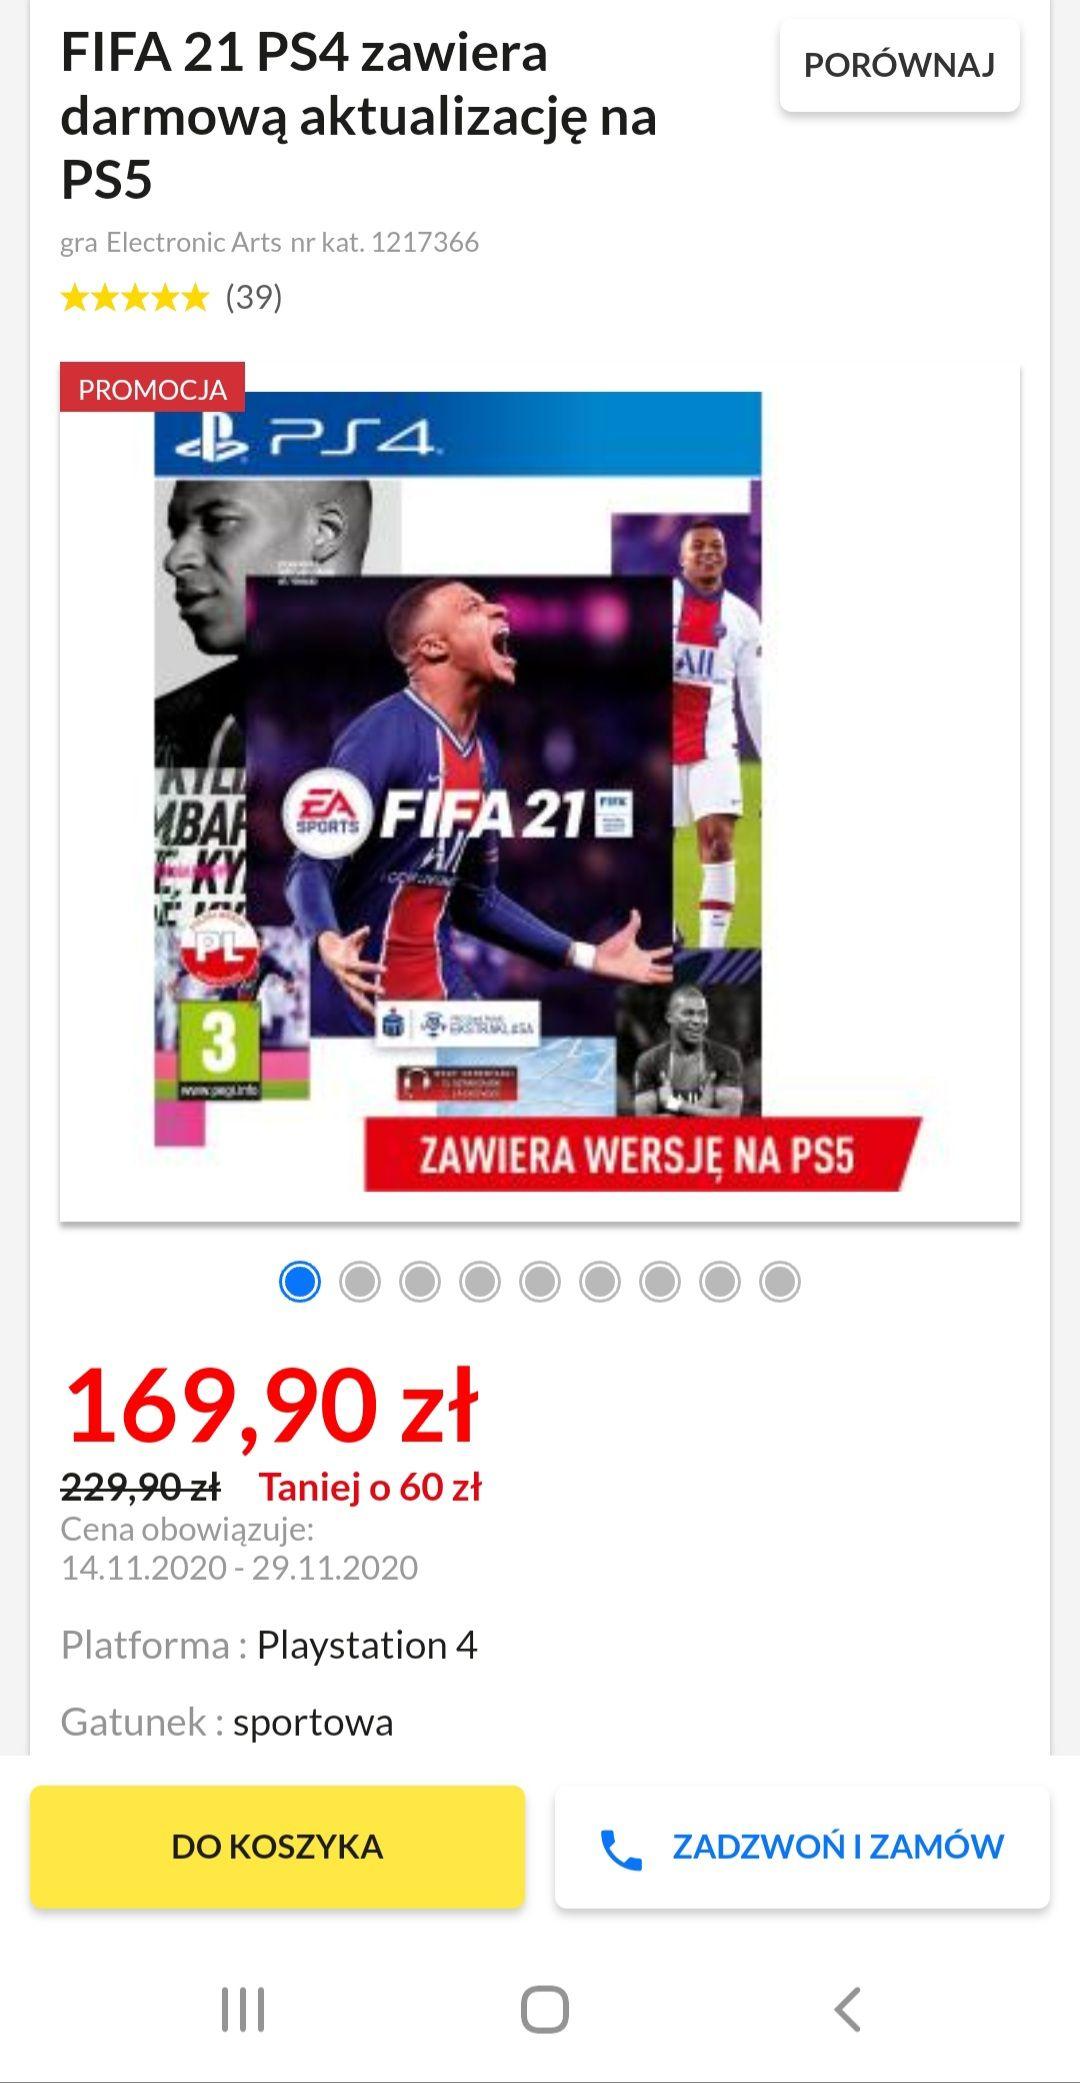 FIFA 21 PS4/PS5